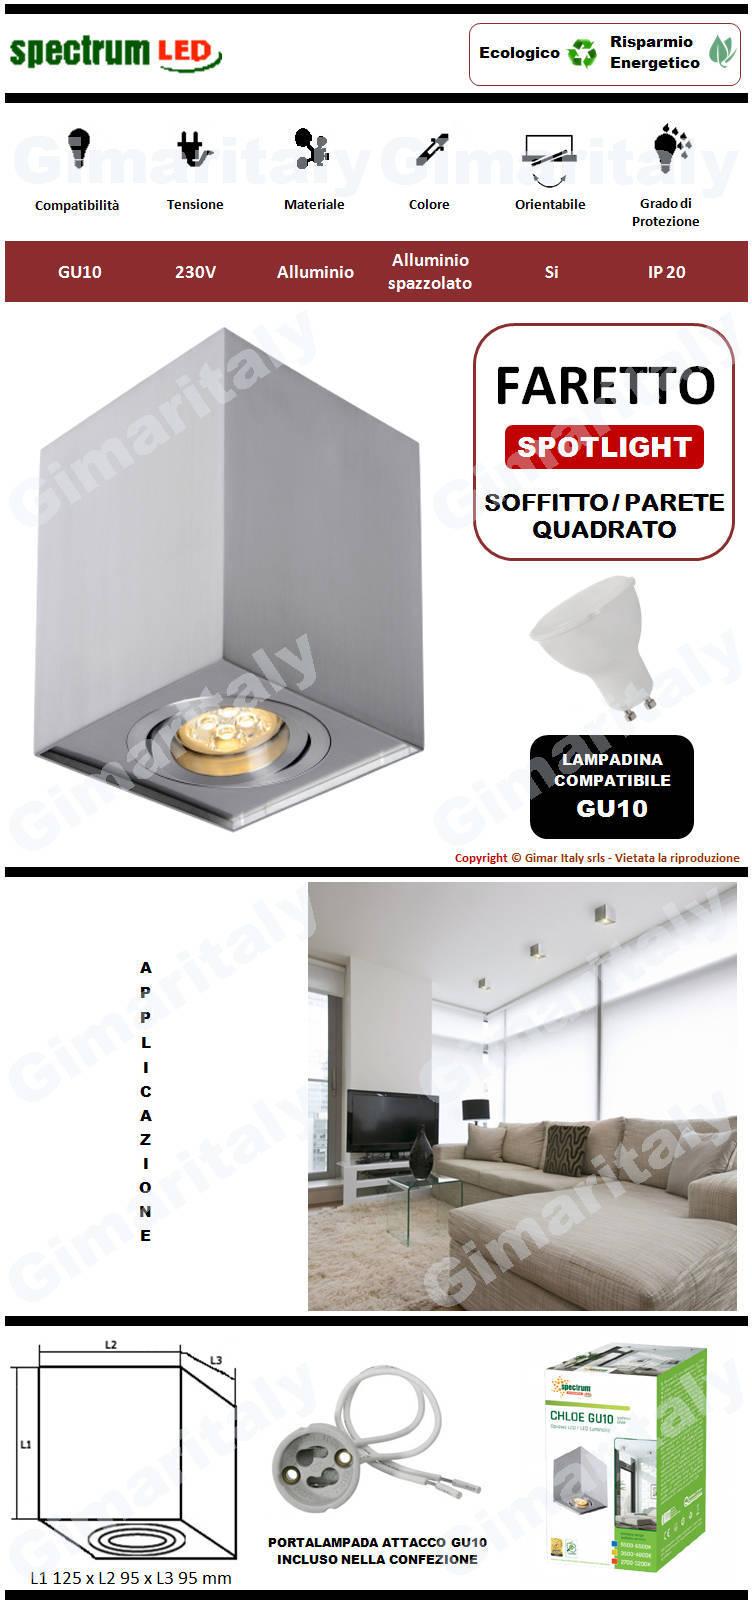 Portafaretto Orientabile Quadrato Grigio Spazzolato da soffitto per lampadina GU10 Spectrum